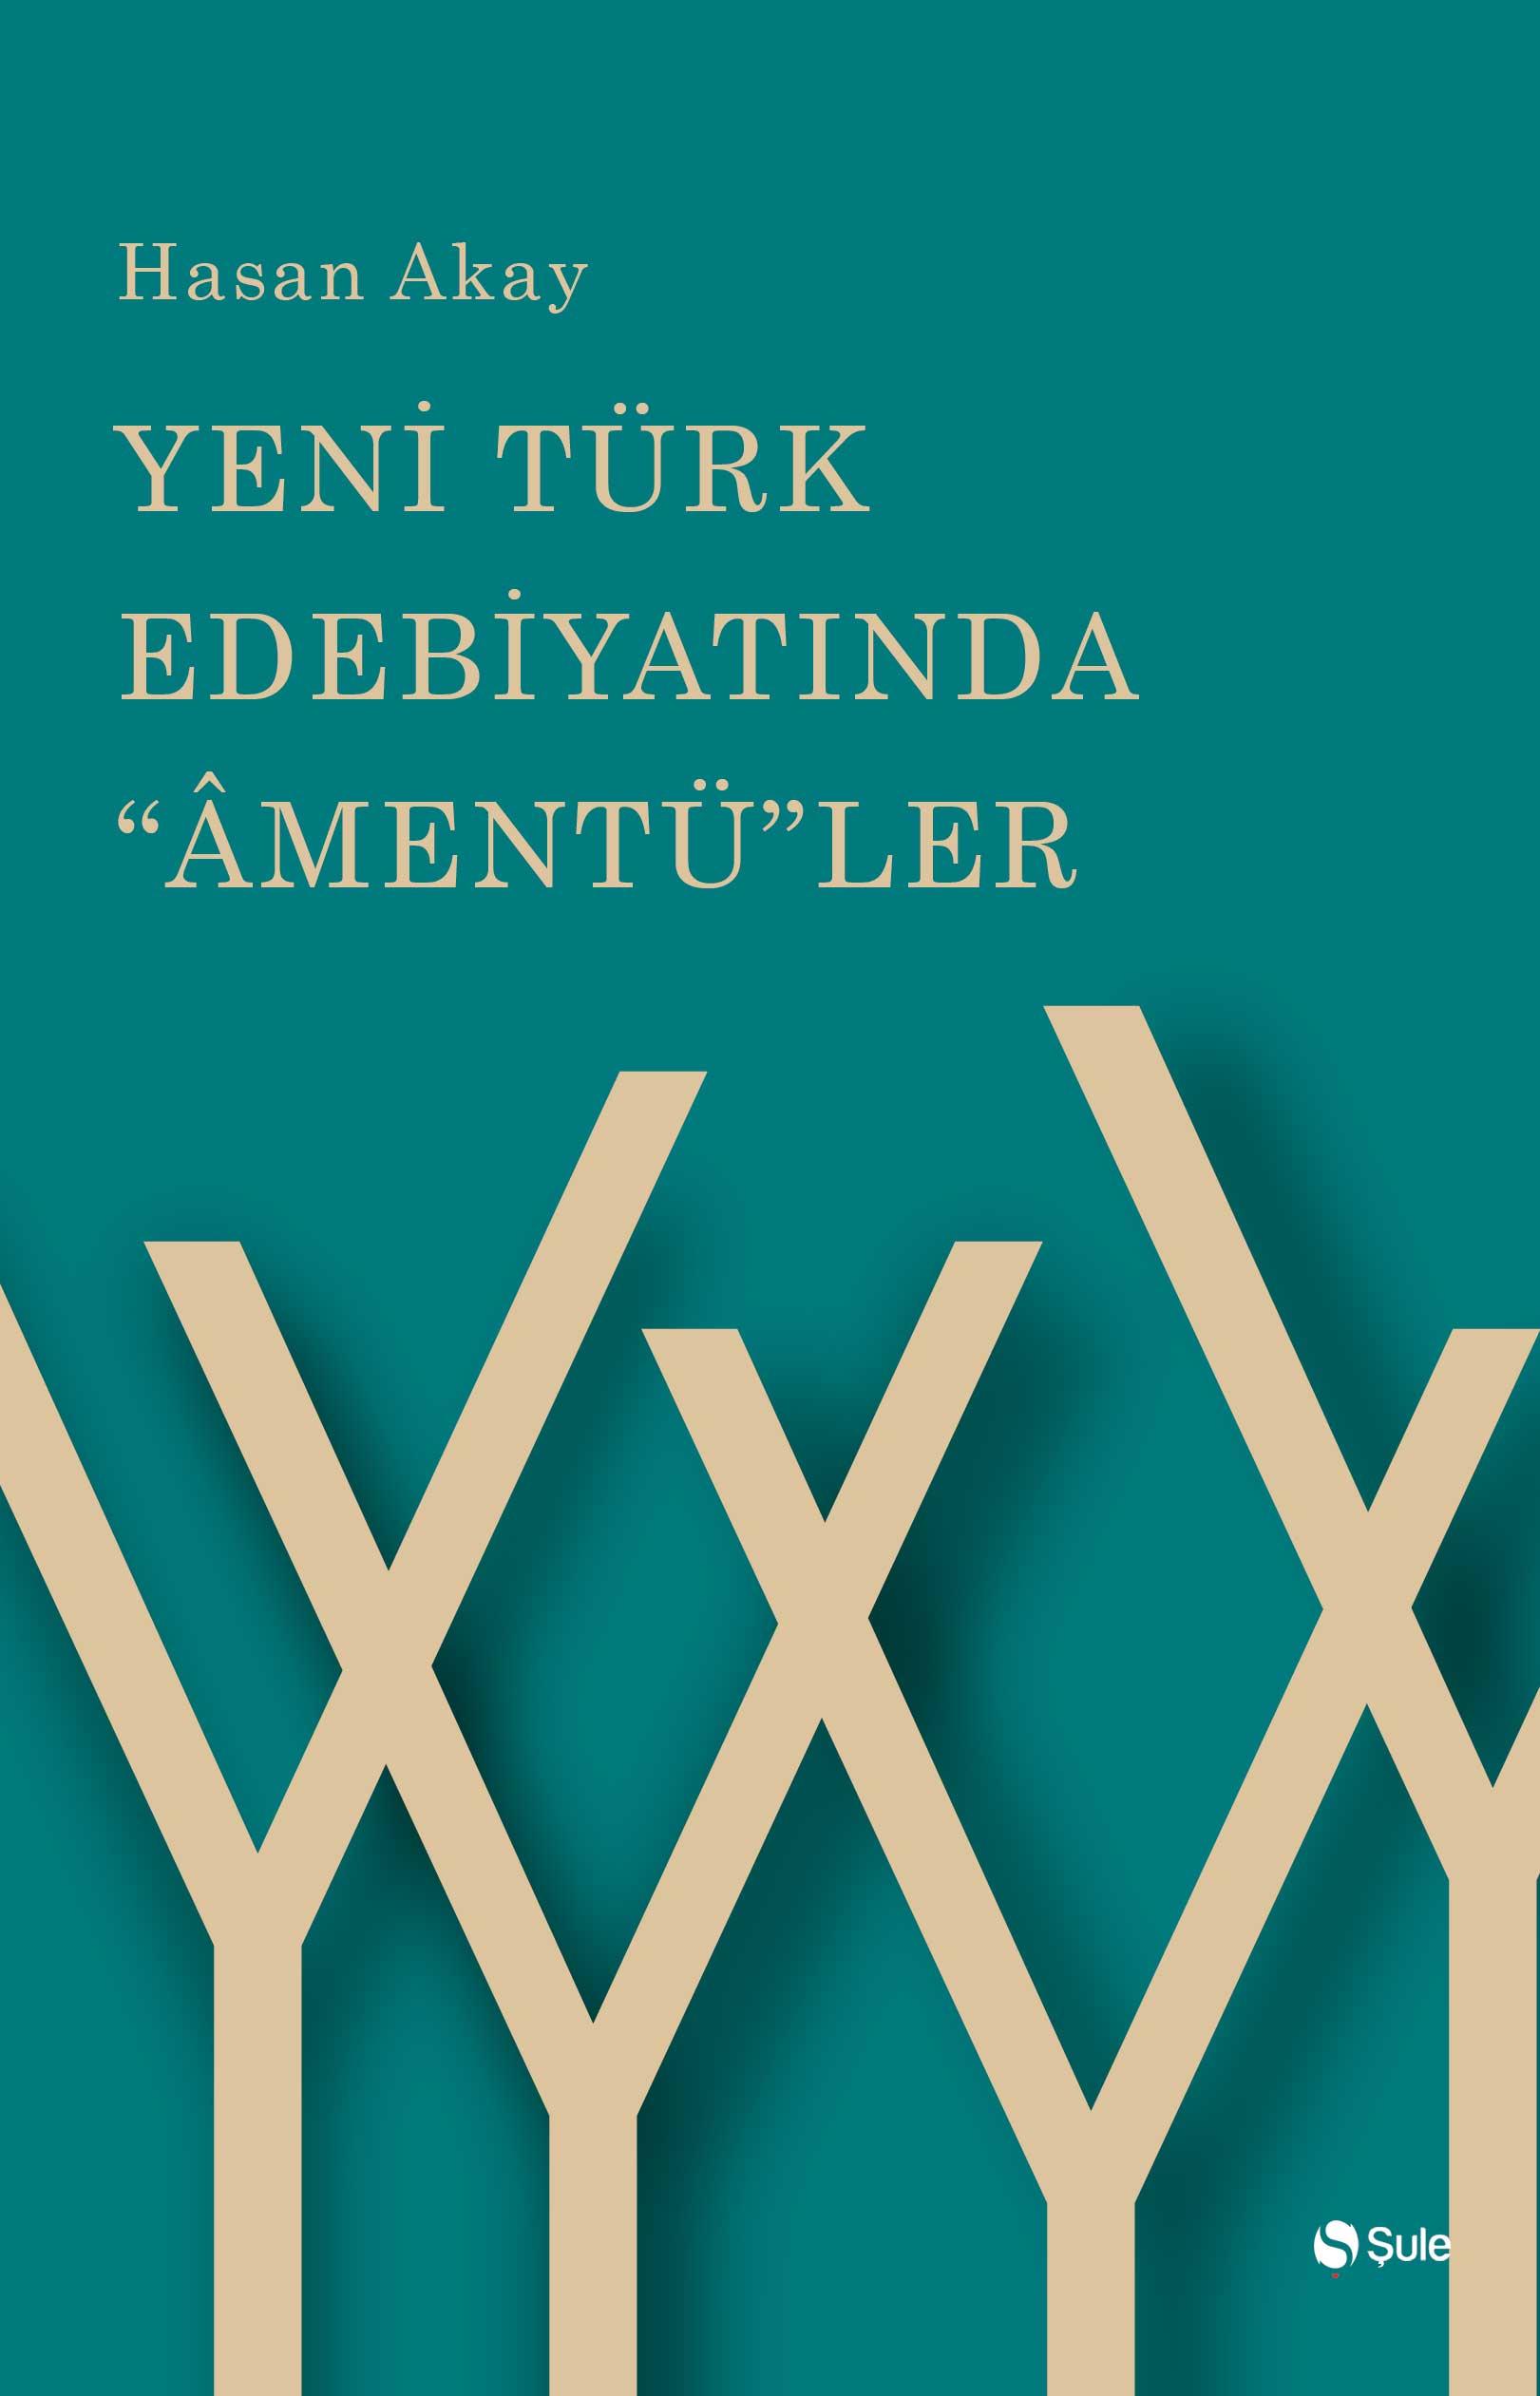 Yeni Türk Edebiyatinda Amentüler